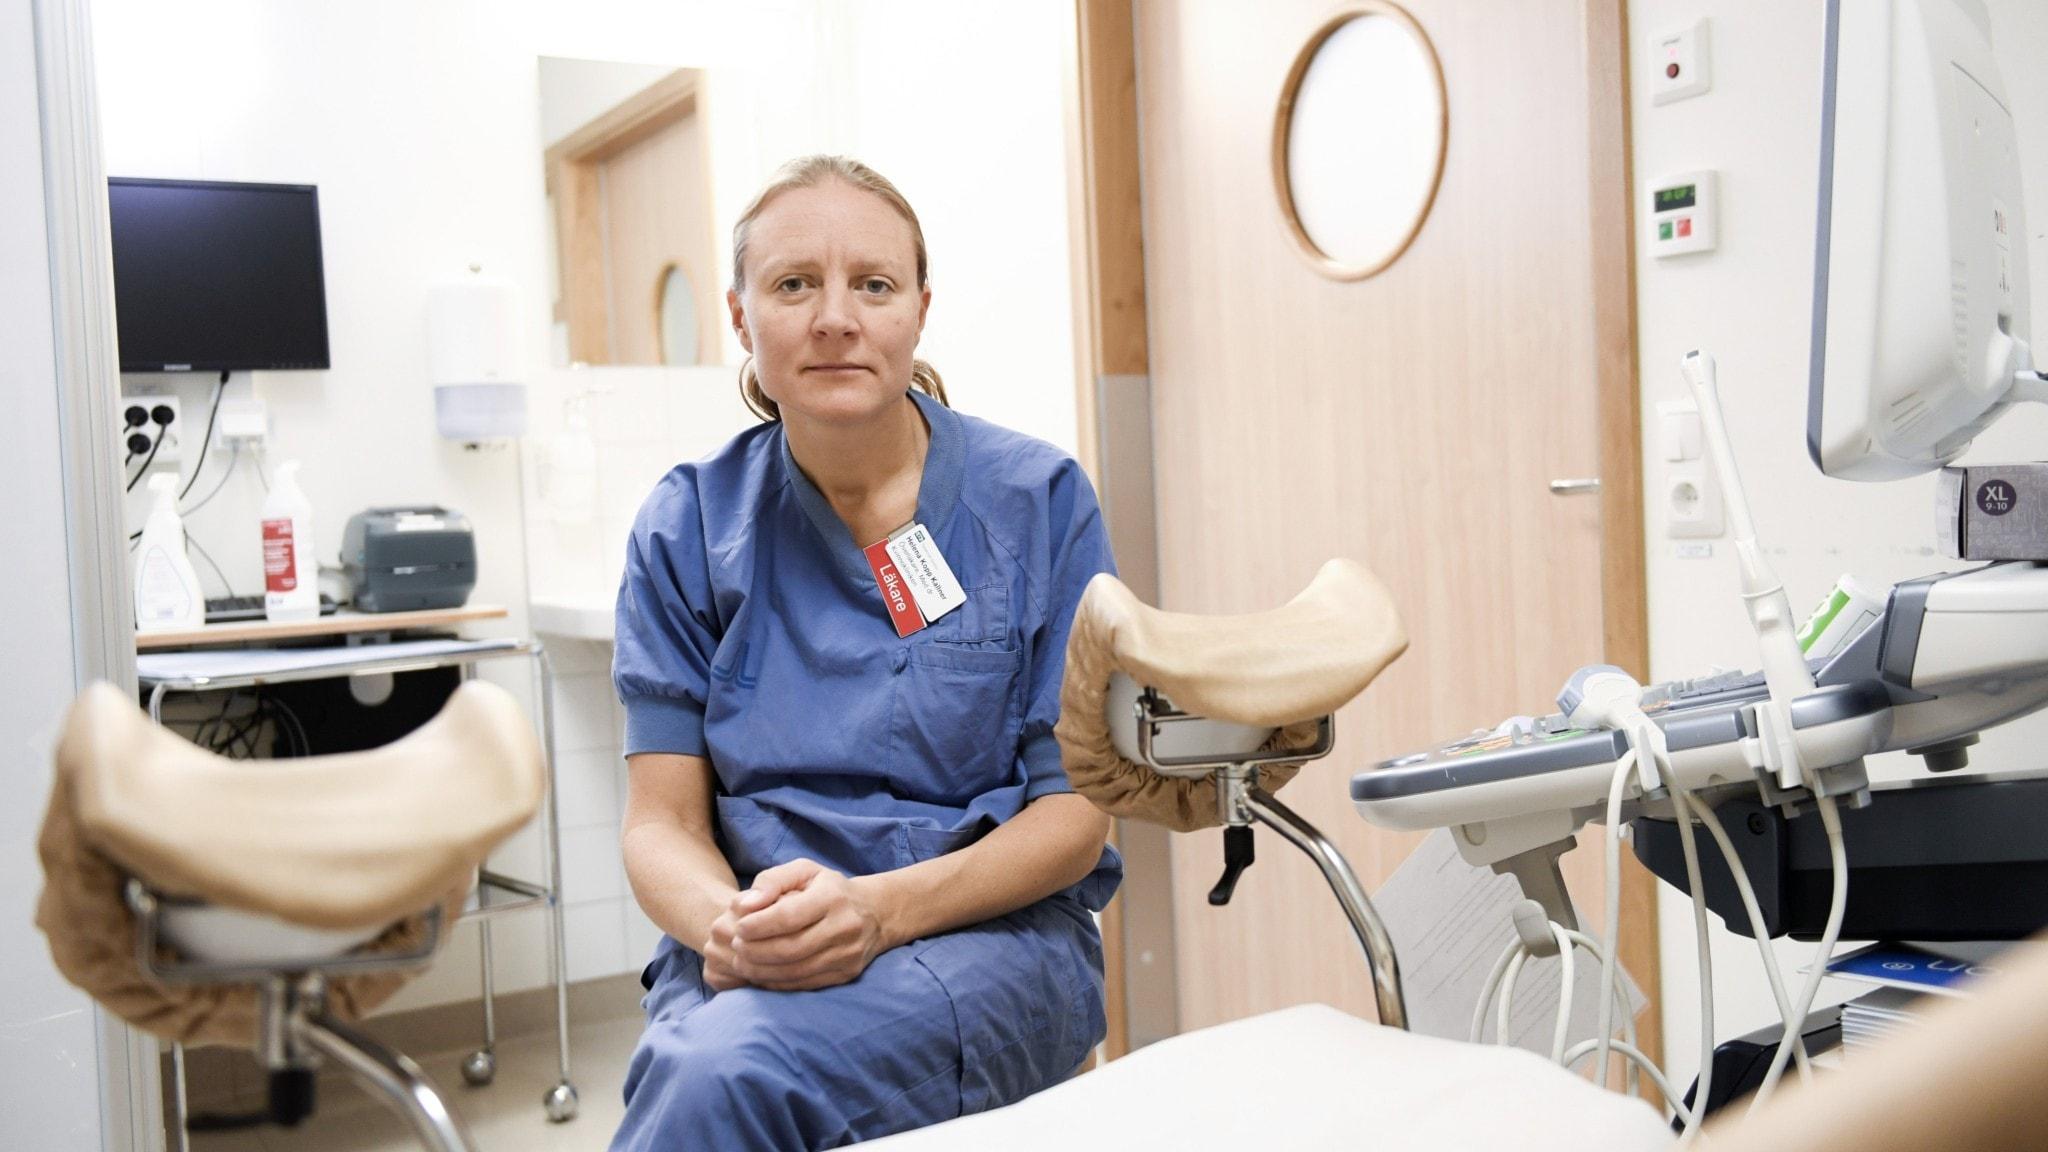 Helena Kopp Kallner menar att avsaknaden av nationella riktlinjer gällande medicinsk missfallsbehandlig är ett tydligt exempel på bristen av nationella riktlinjer i Svensk kvinnosjukvård.